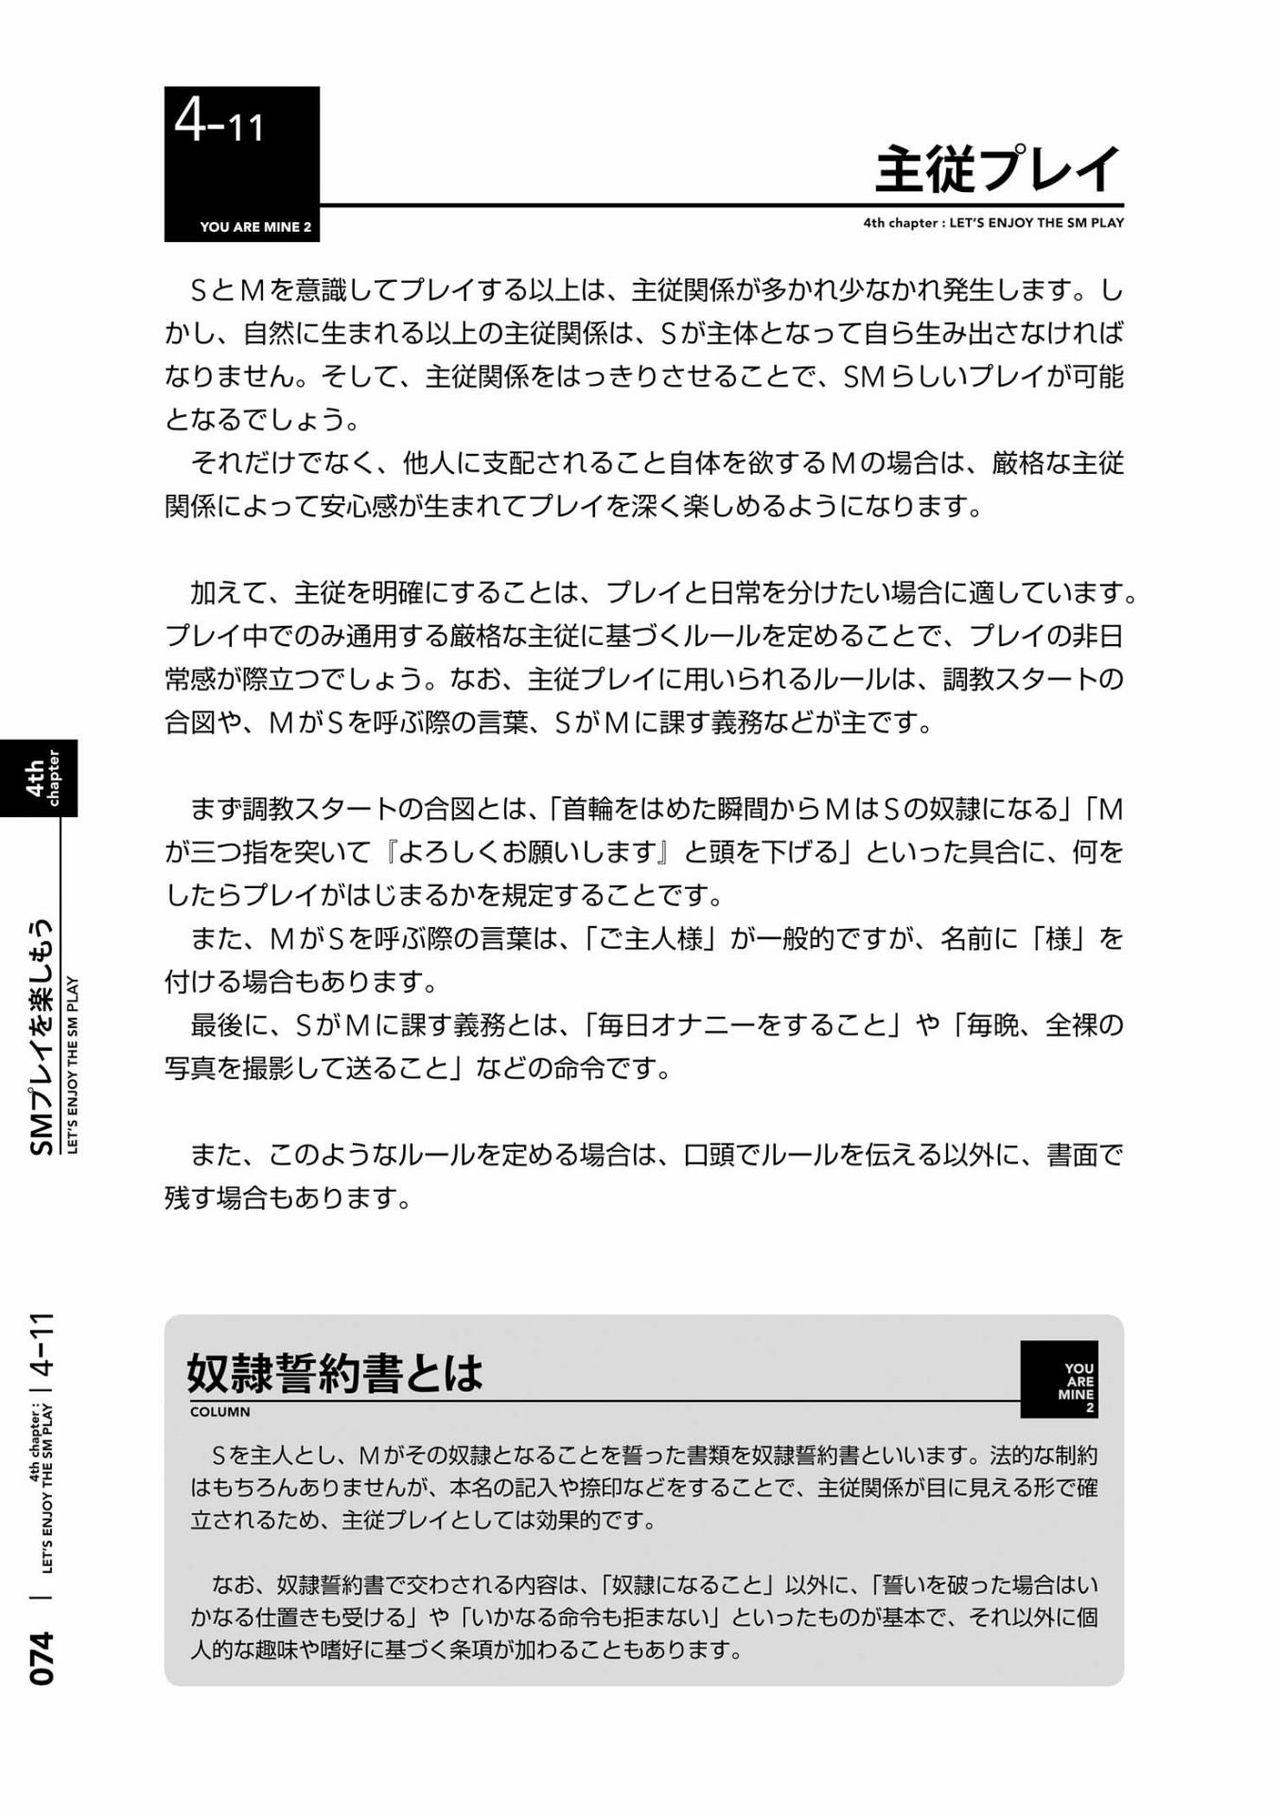 [Mitsuba] Karada mo Kokoro mo Boku no Mono ~Hajimete no SM Guide~ 2 [Digital] 76